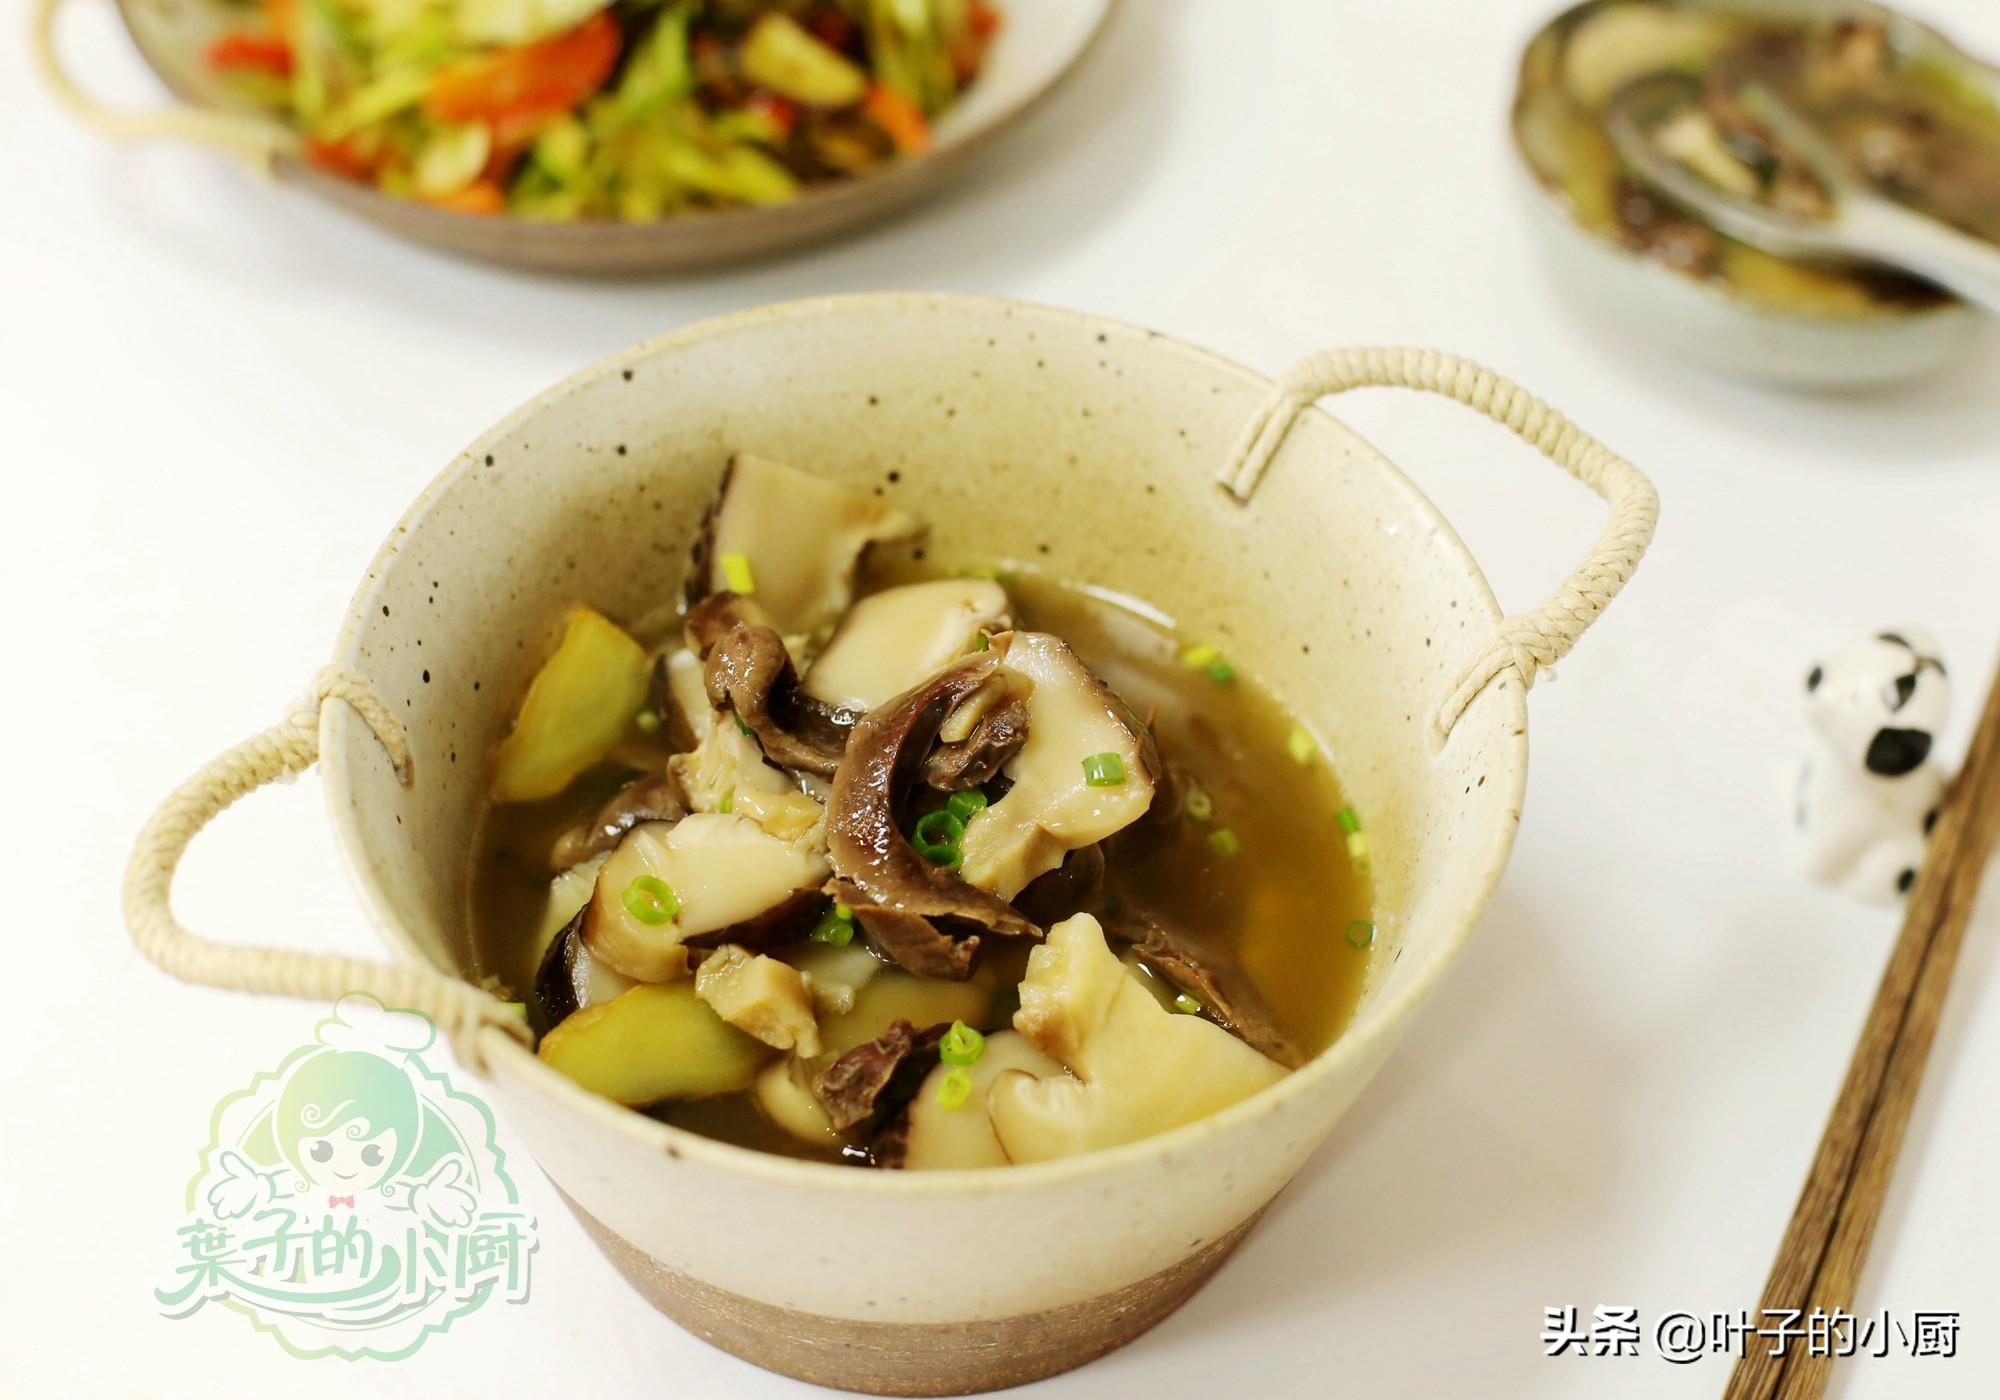 秋天多喝汤,此两种食材首选,汤鲜、清爽,养